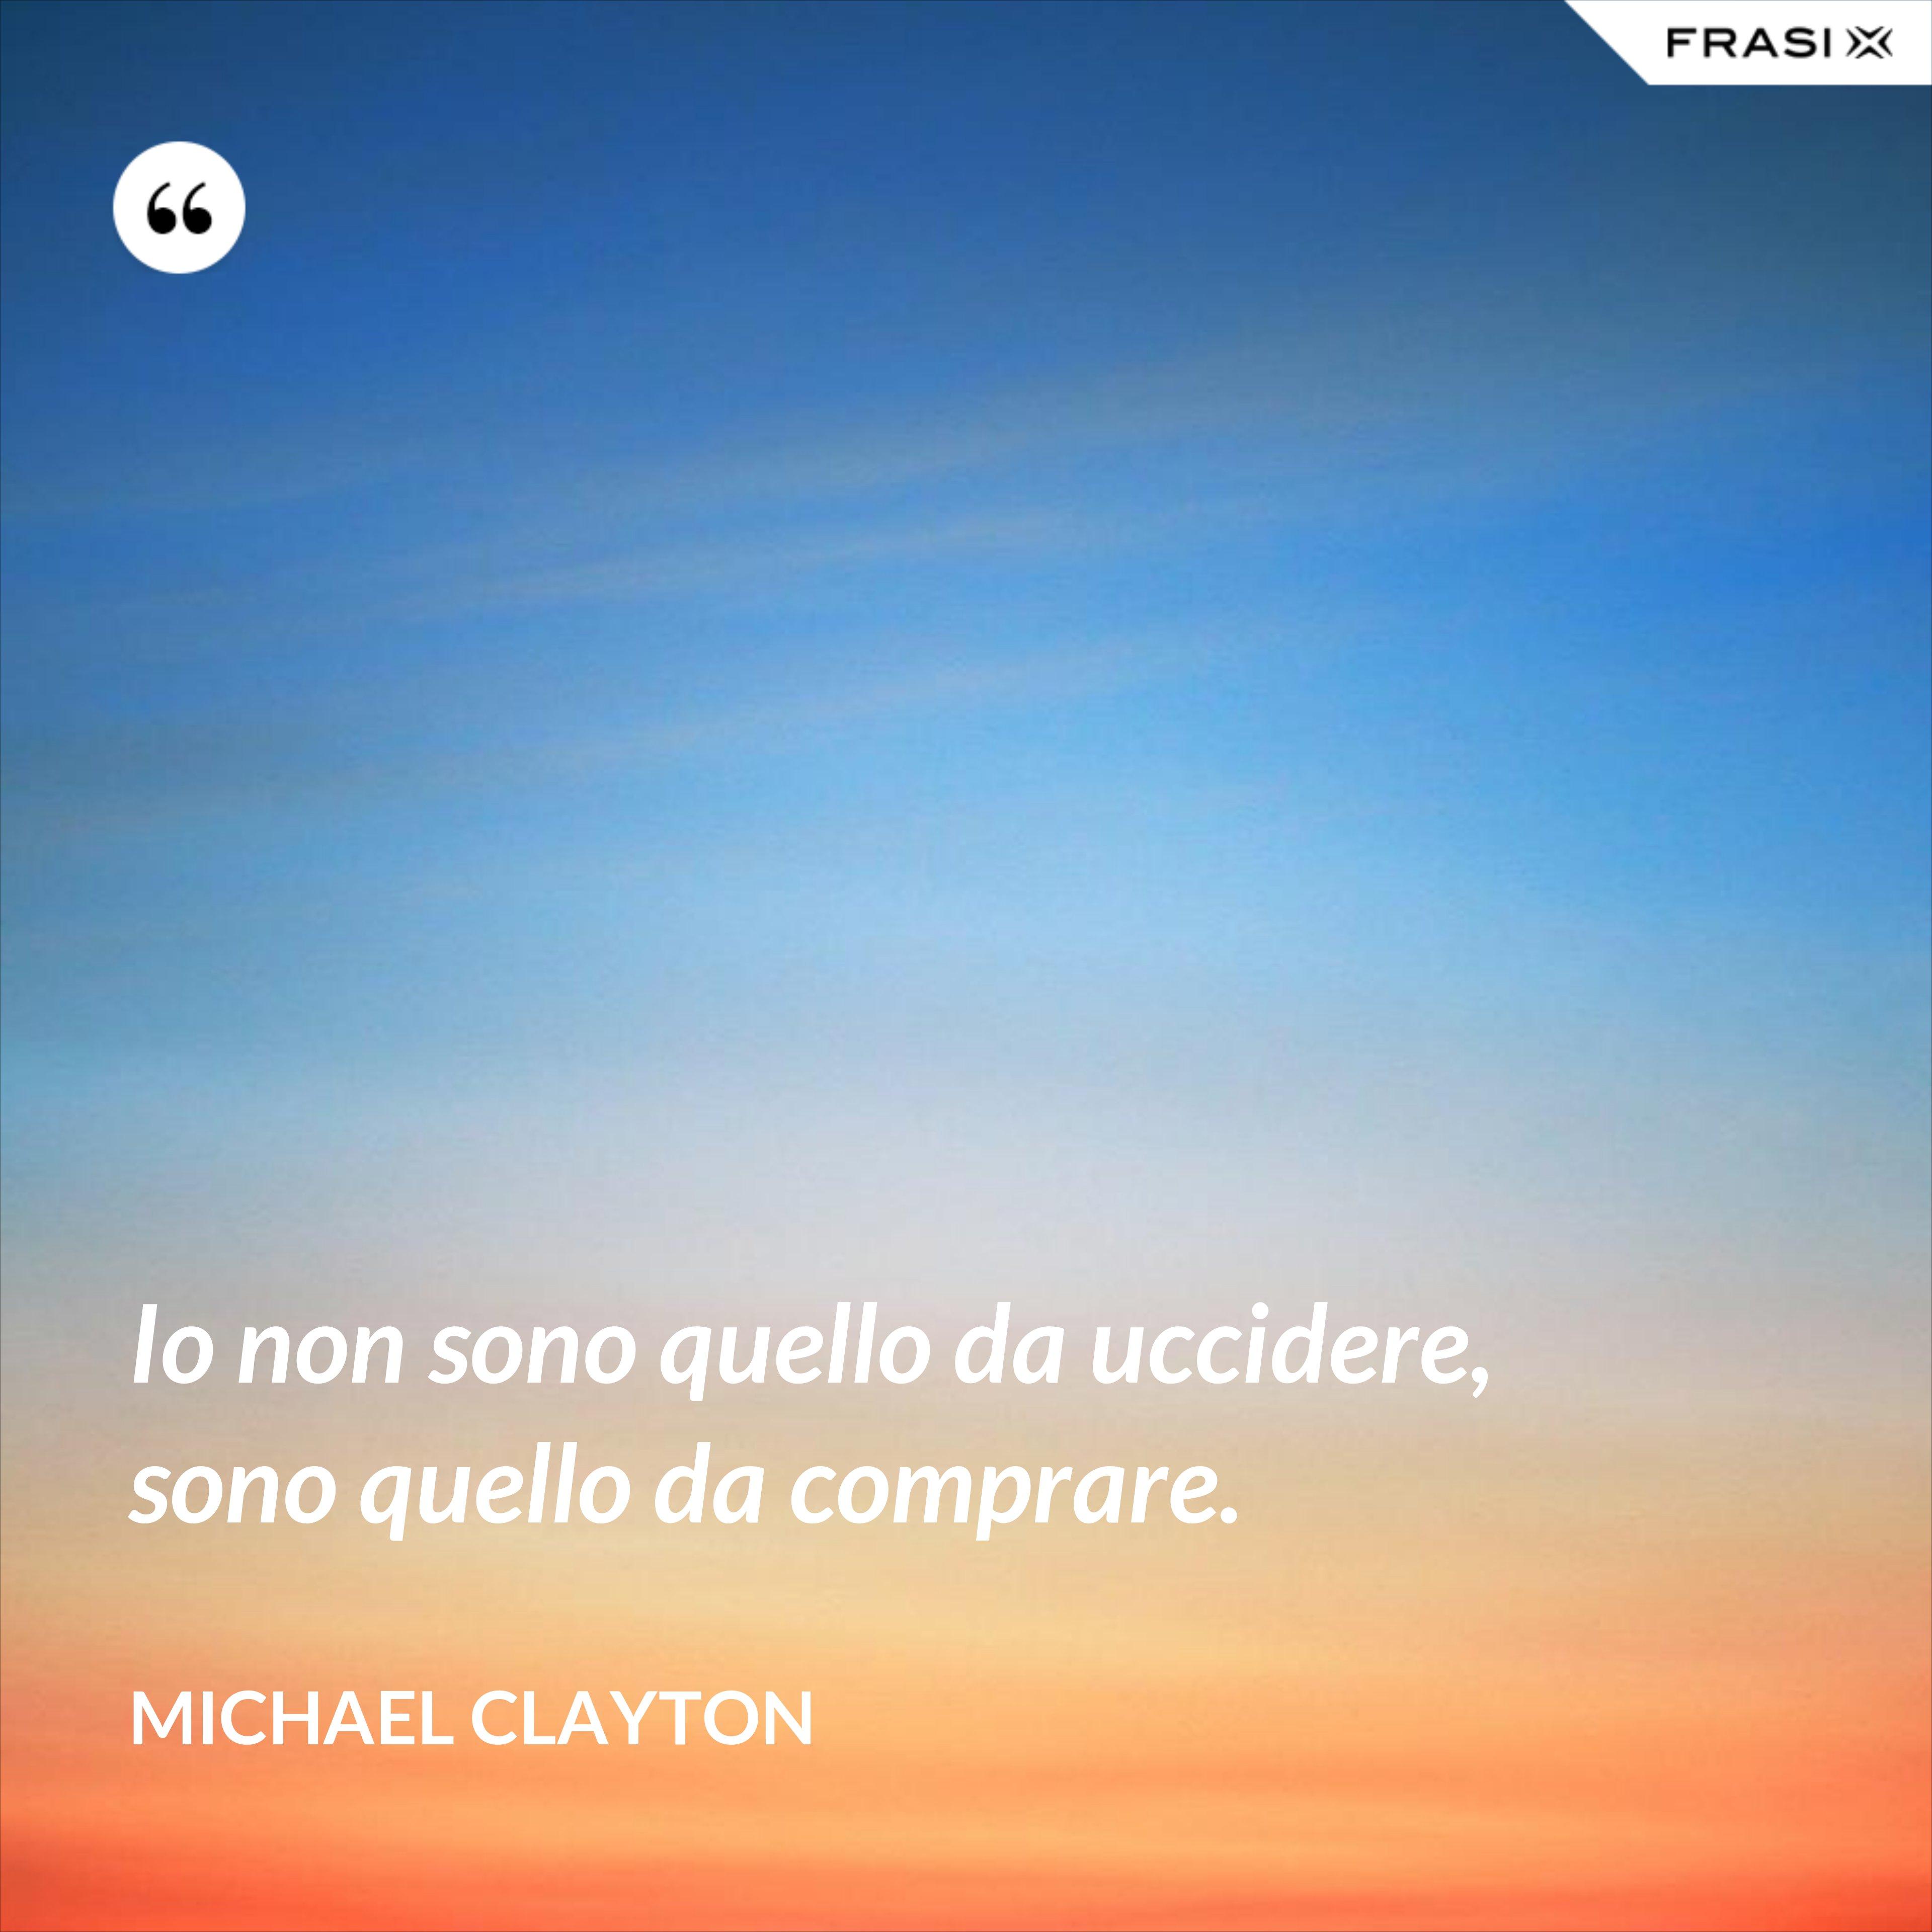 Io non sono quello da uccidere, sono quello da comprare. - Michael Clayton